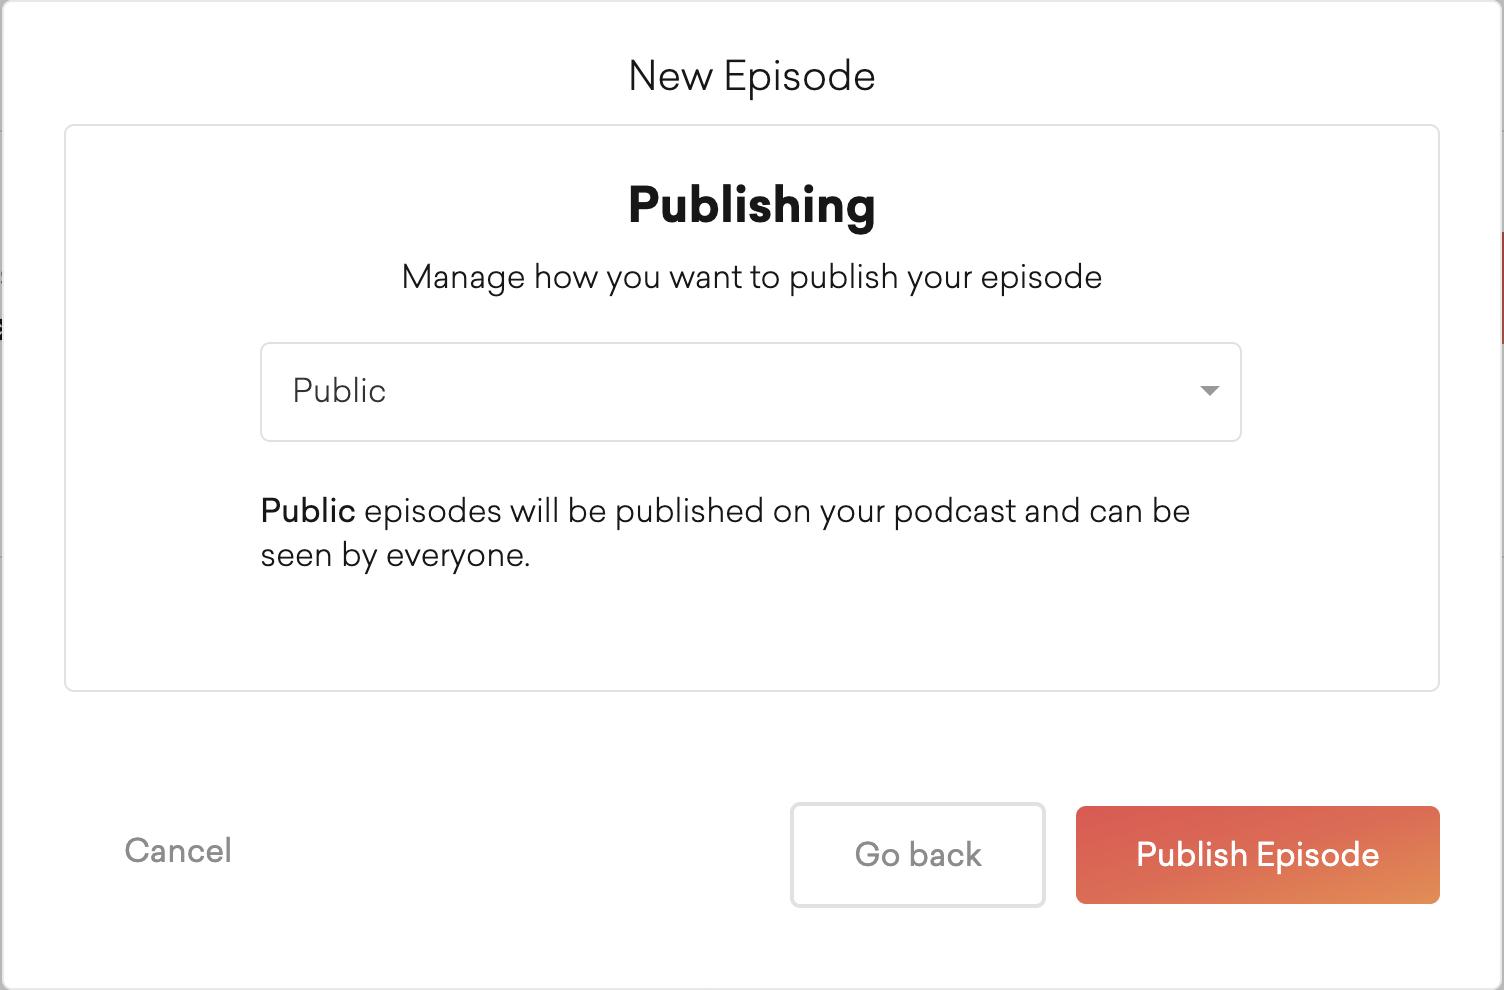 publishing new episode